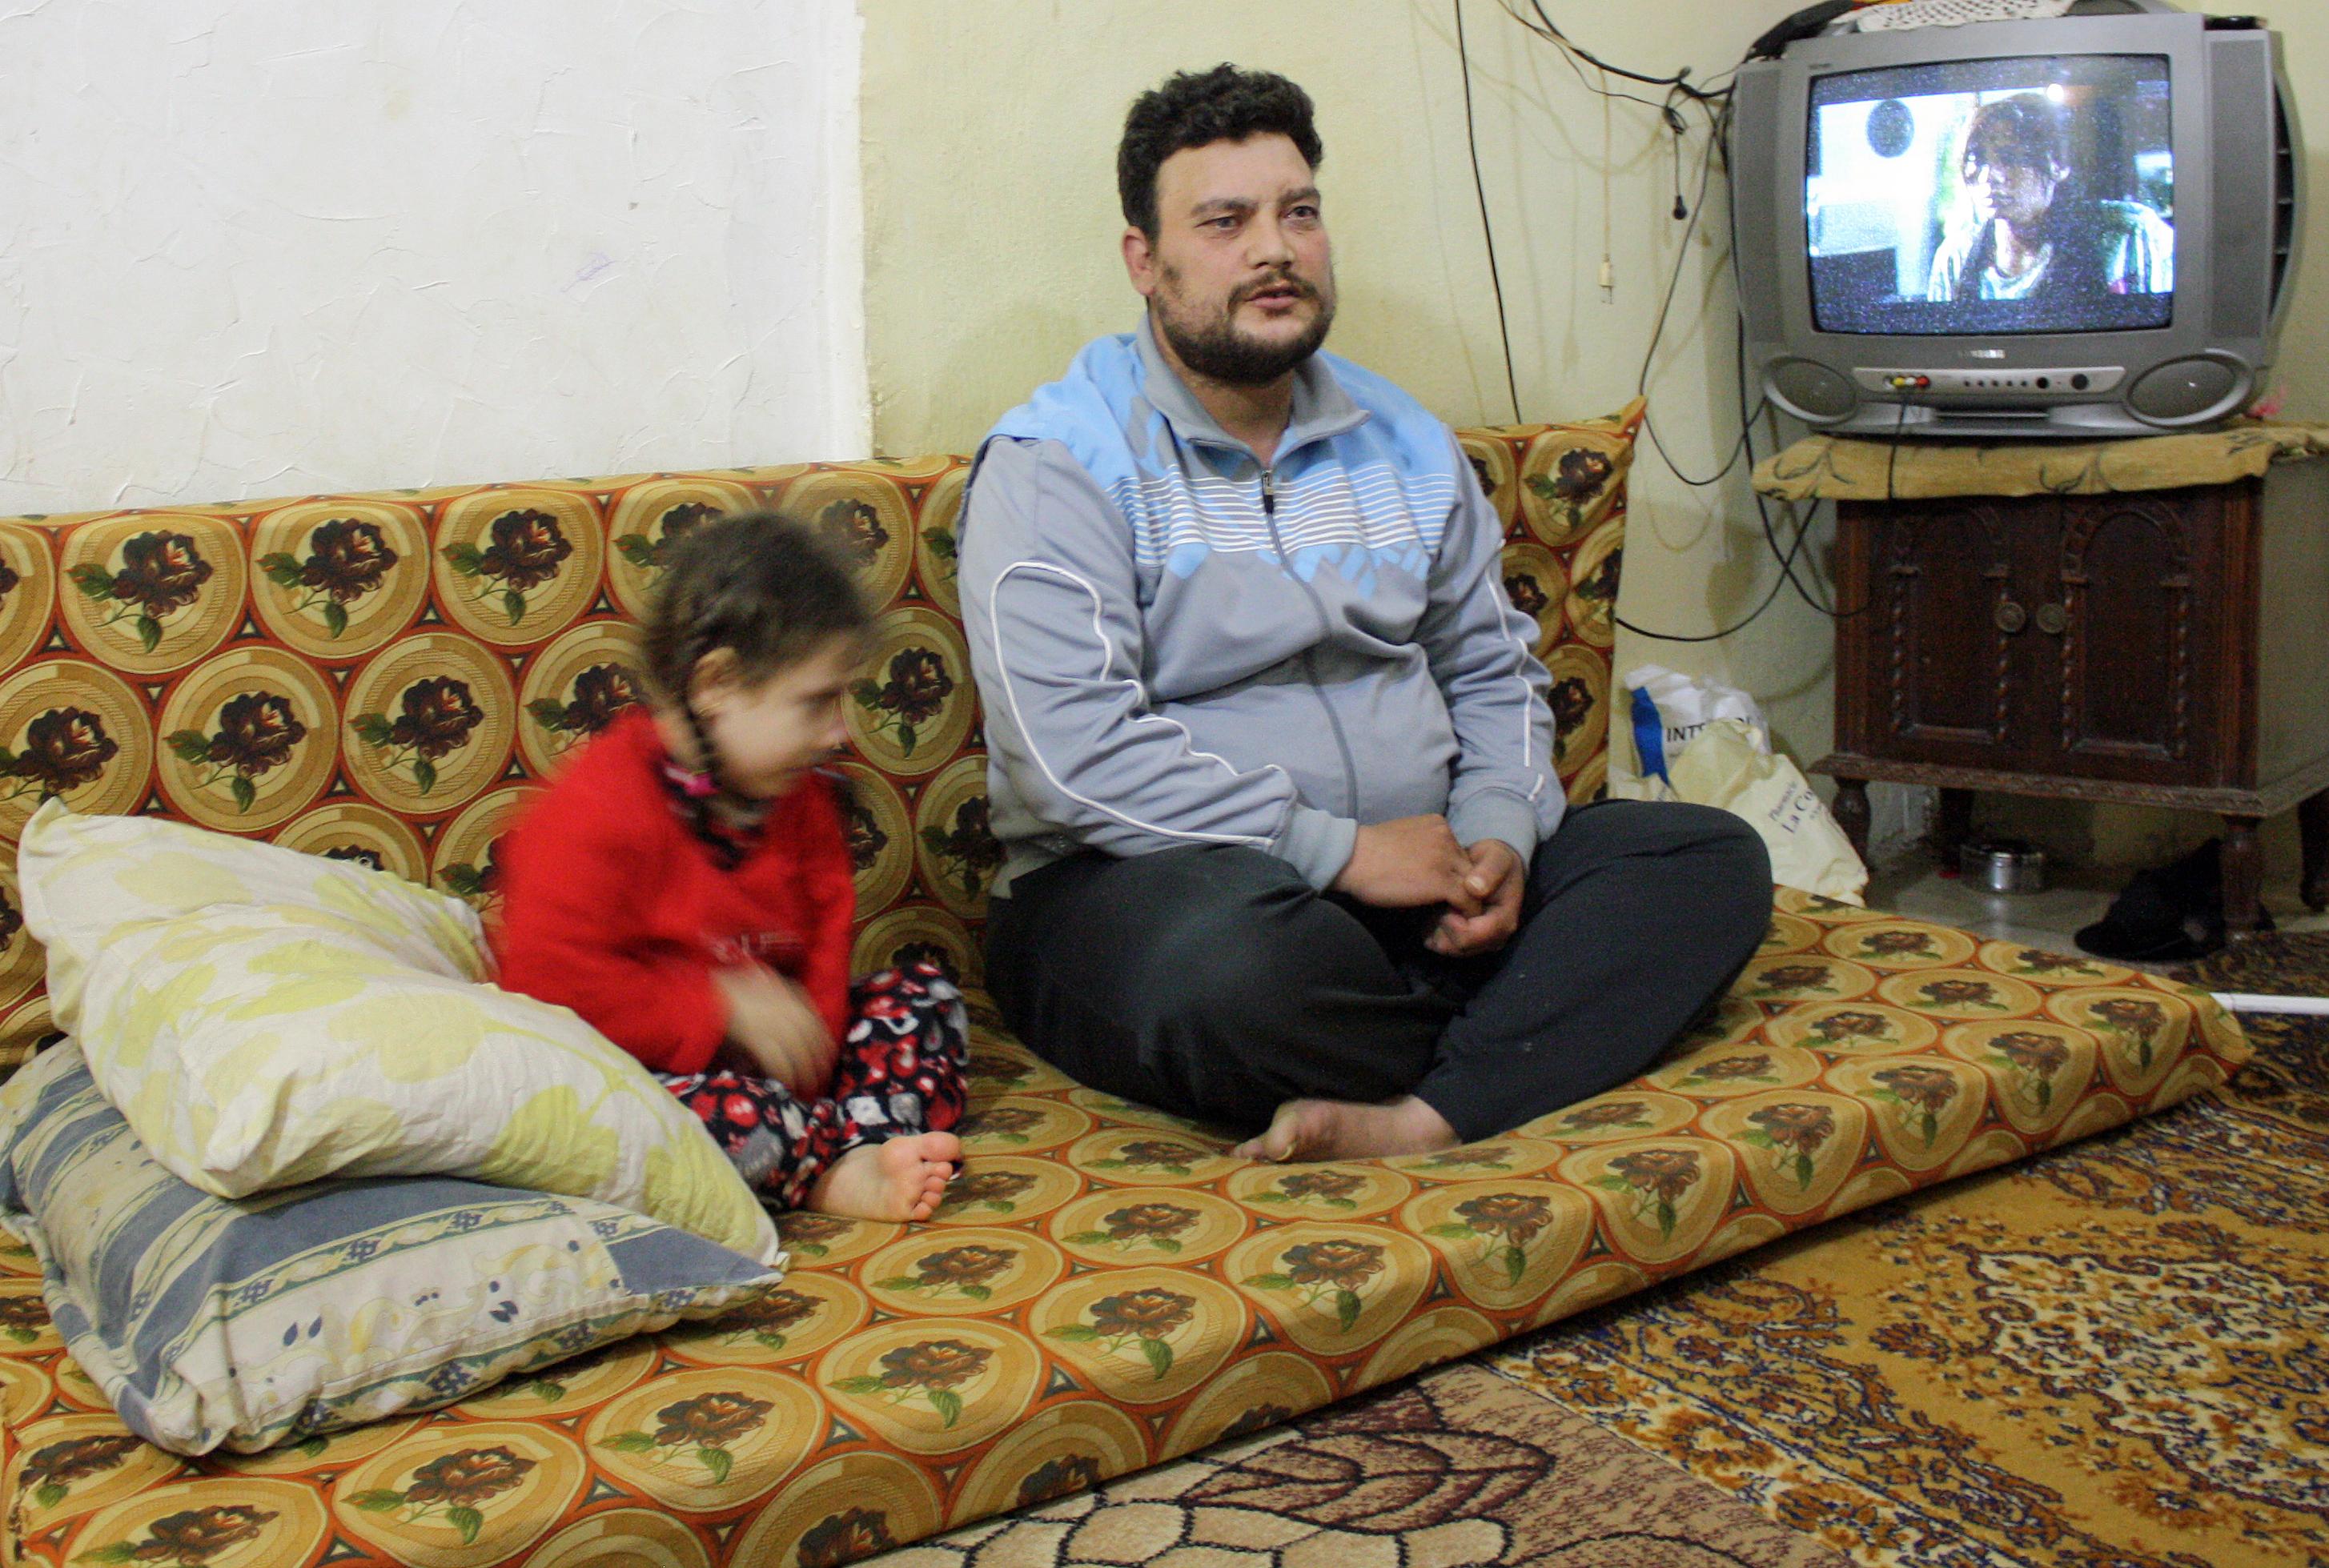 Ayman-pechowiec z córką, w zajmowanej przez rodzinę suterenie w Trypolisie/fot. Marcin Ogdowski